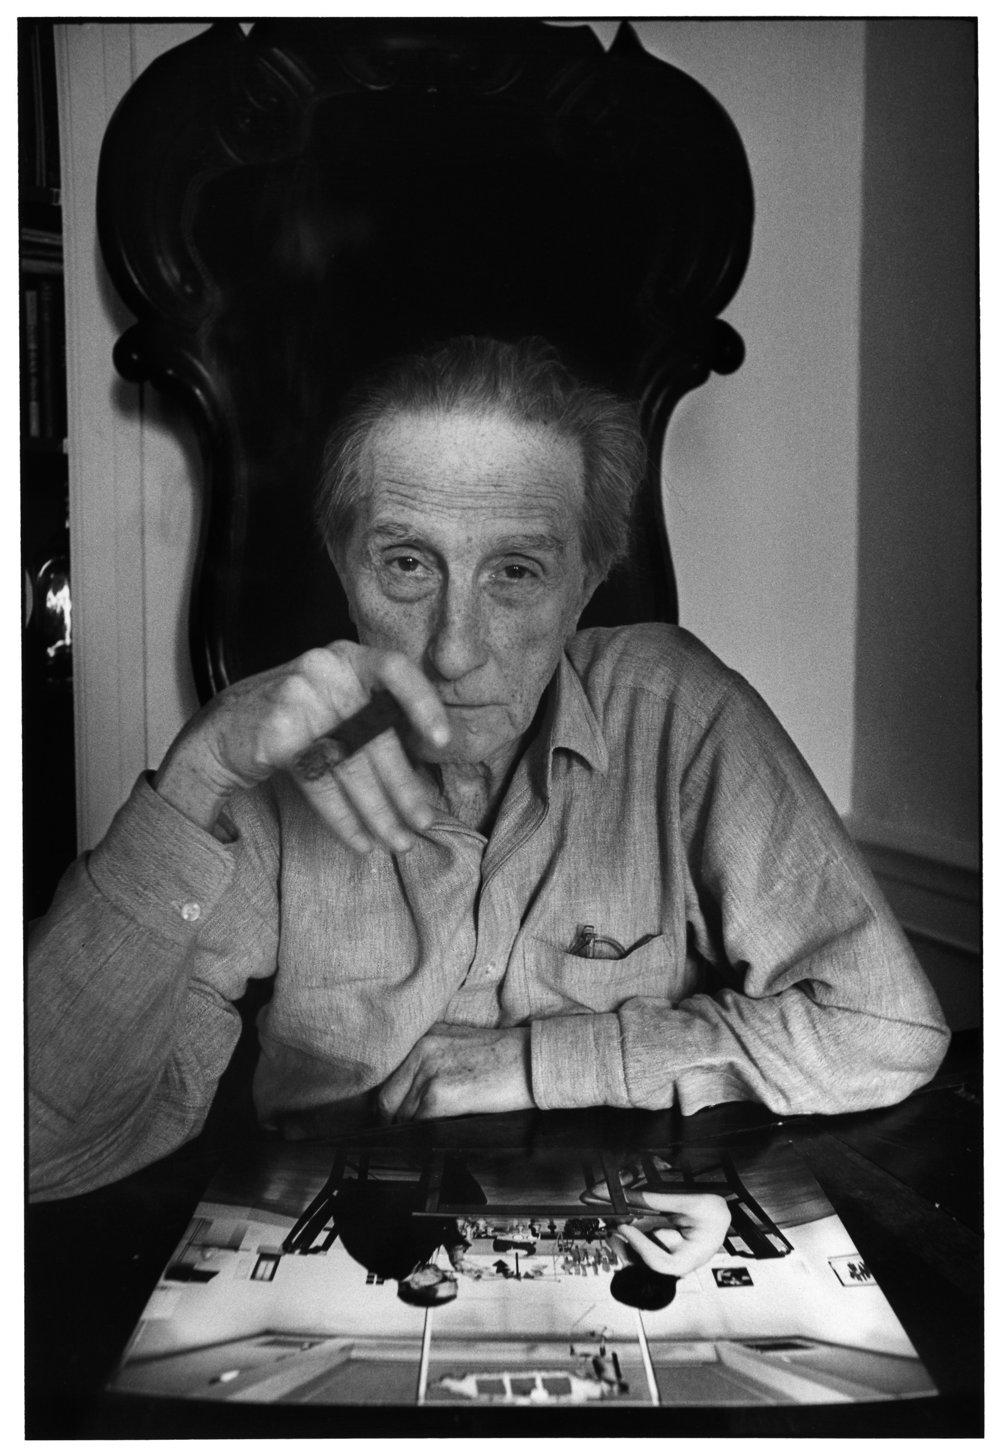 Marcel-Duchamp-New-York-1965.jpg